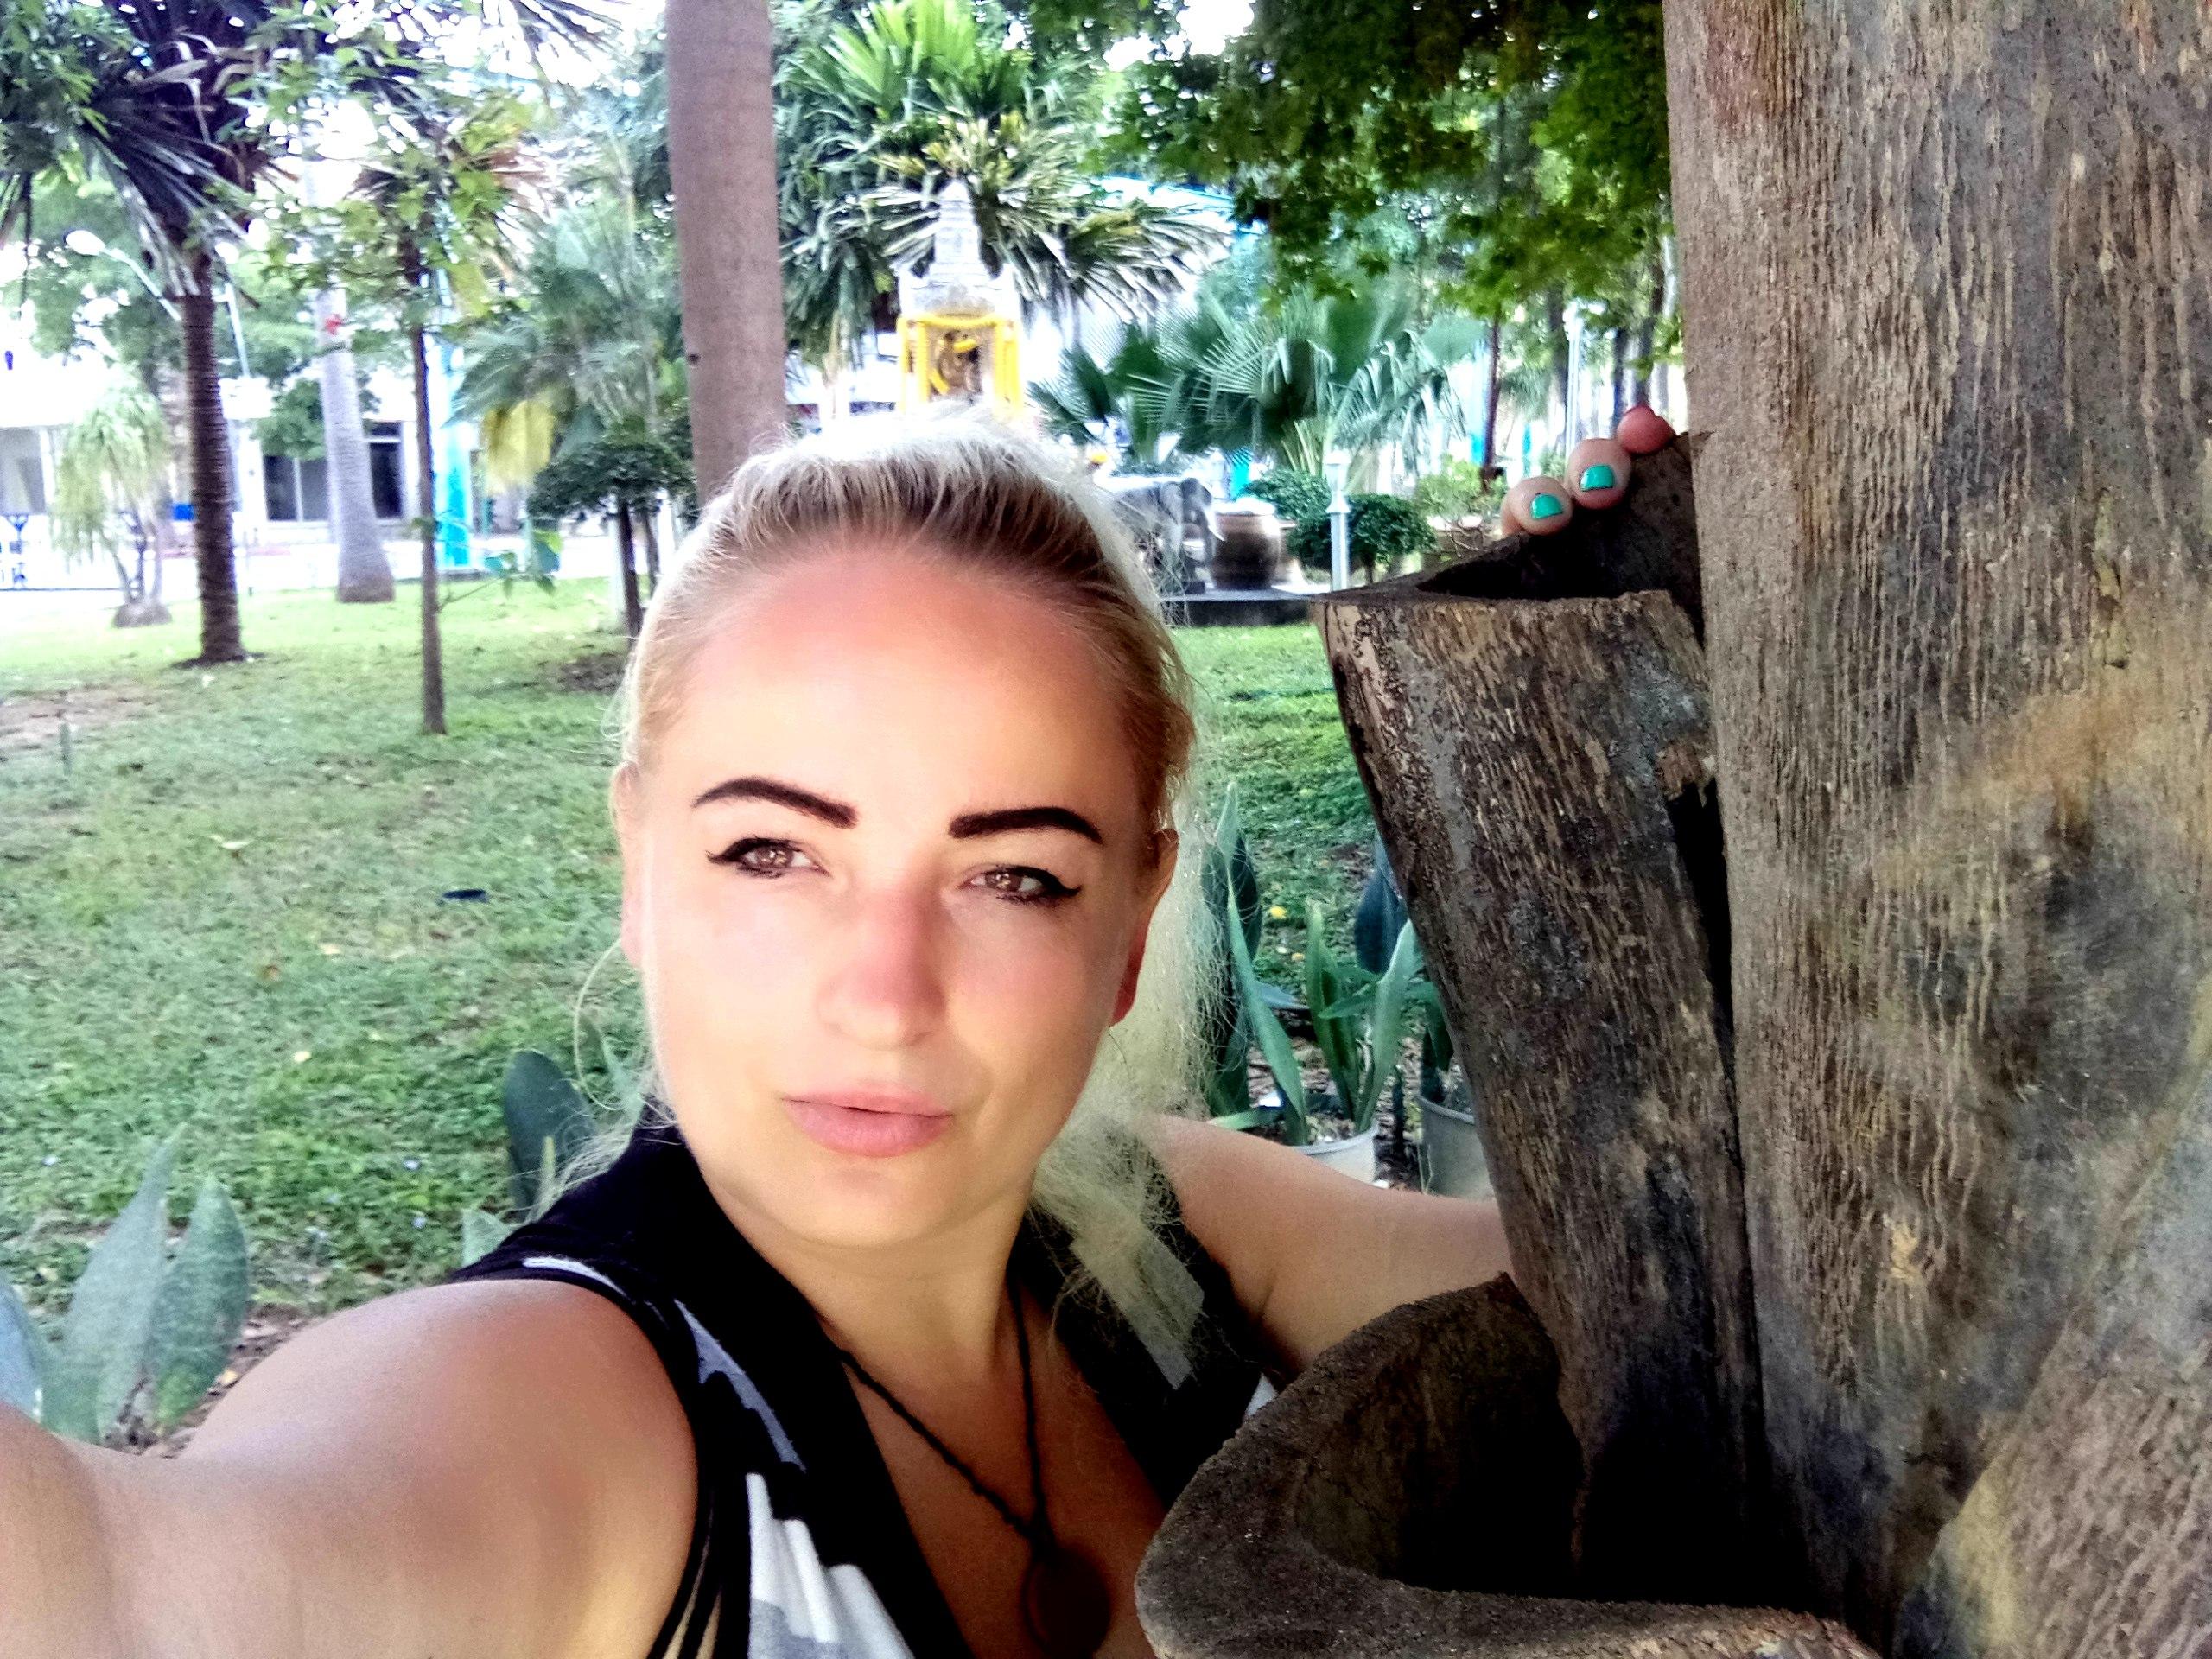 Елена Руденко (Валтея) Таиланд. Прогулка по Паттайе.  - Страница 4 P651ygeqPq0